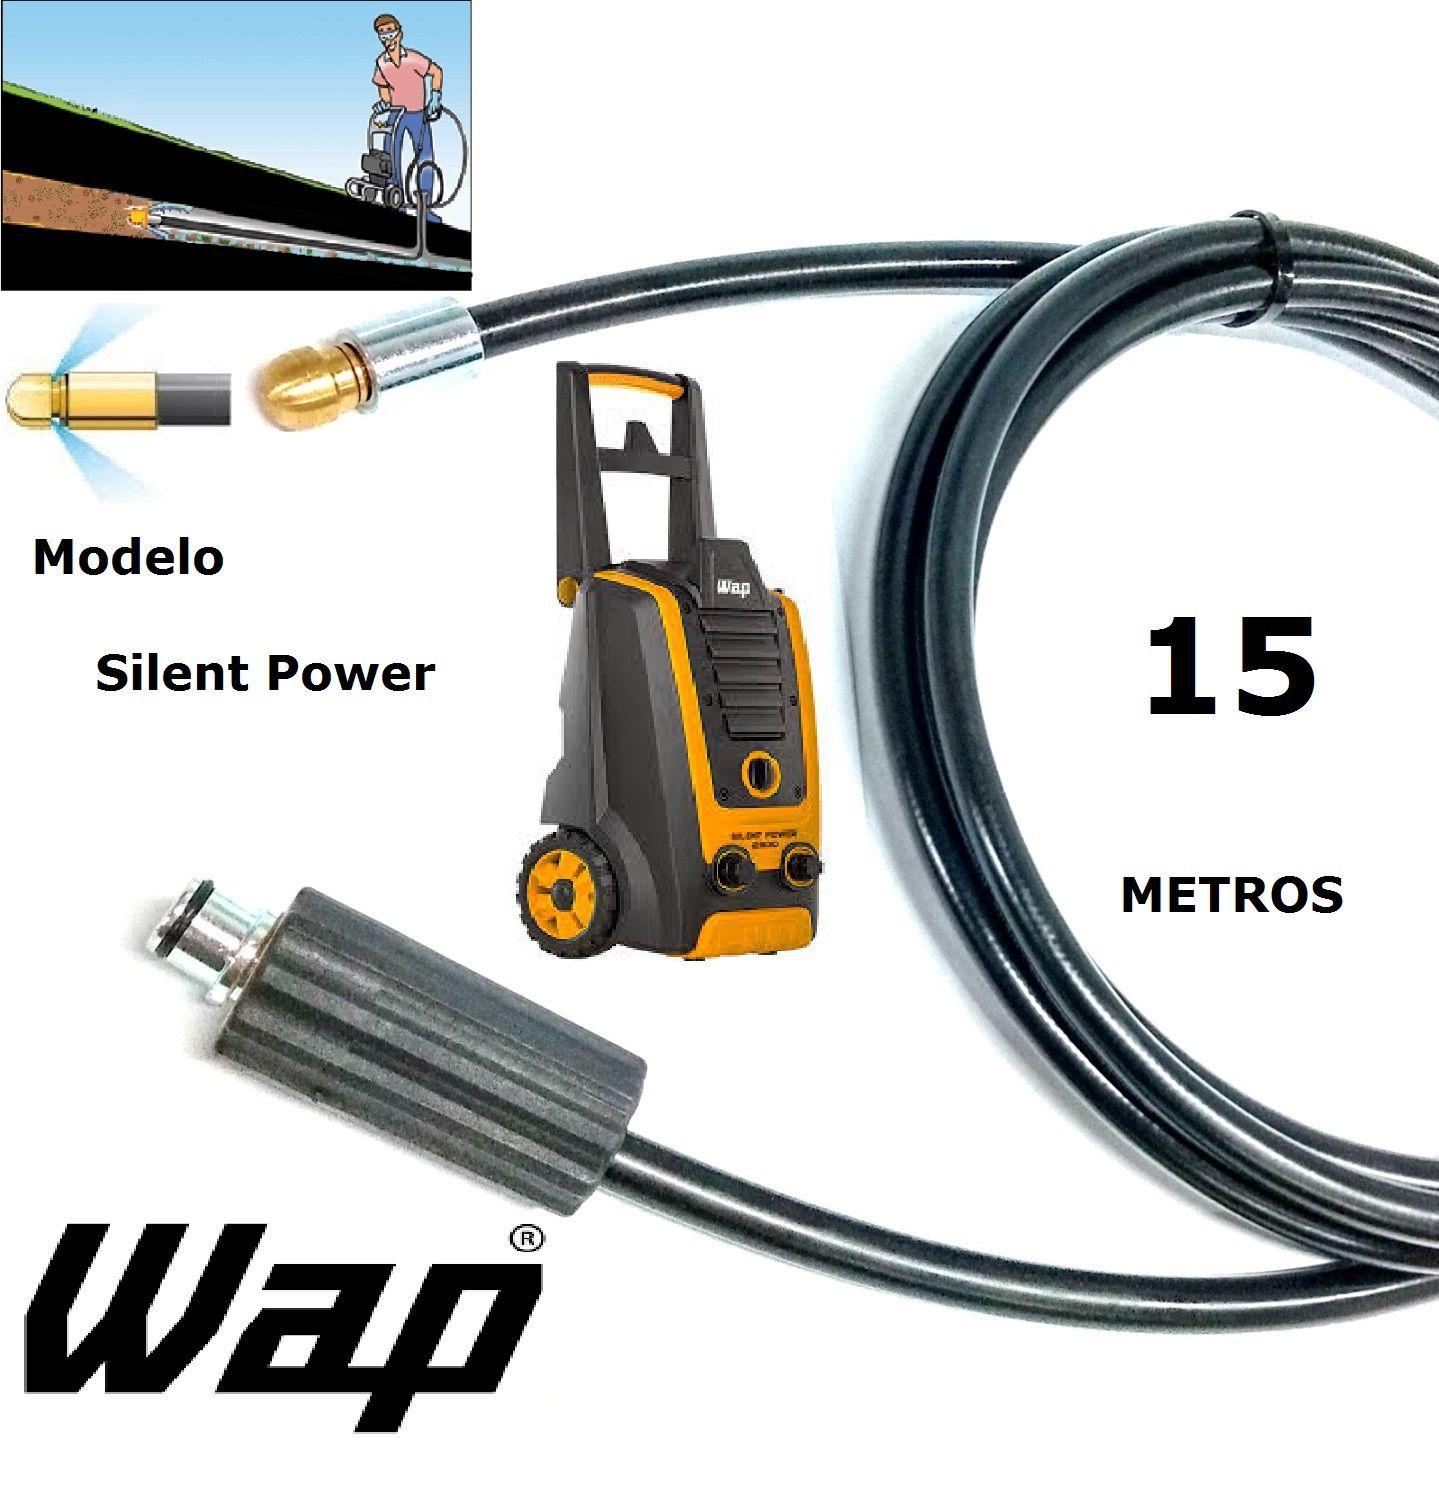 Mangueira desentupidora de tubulação WAP - 15 Metros - Wap SILENTE POWER